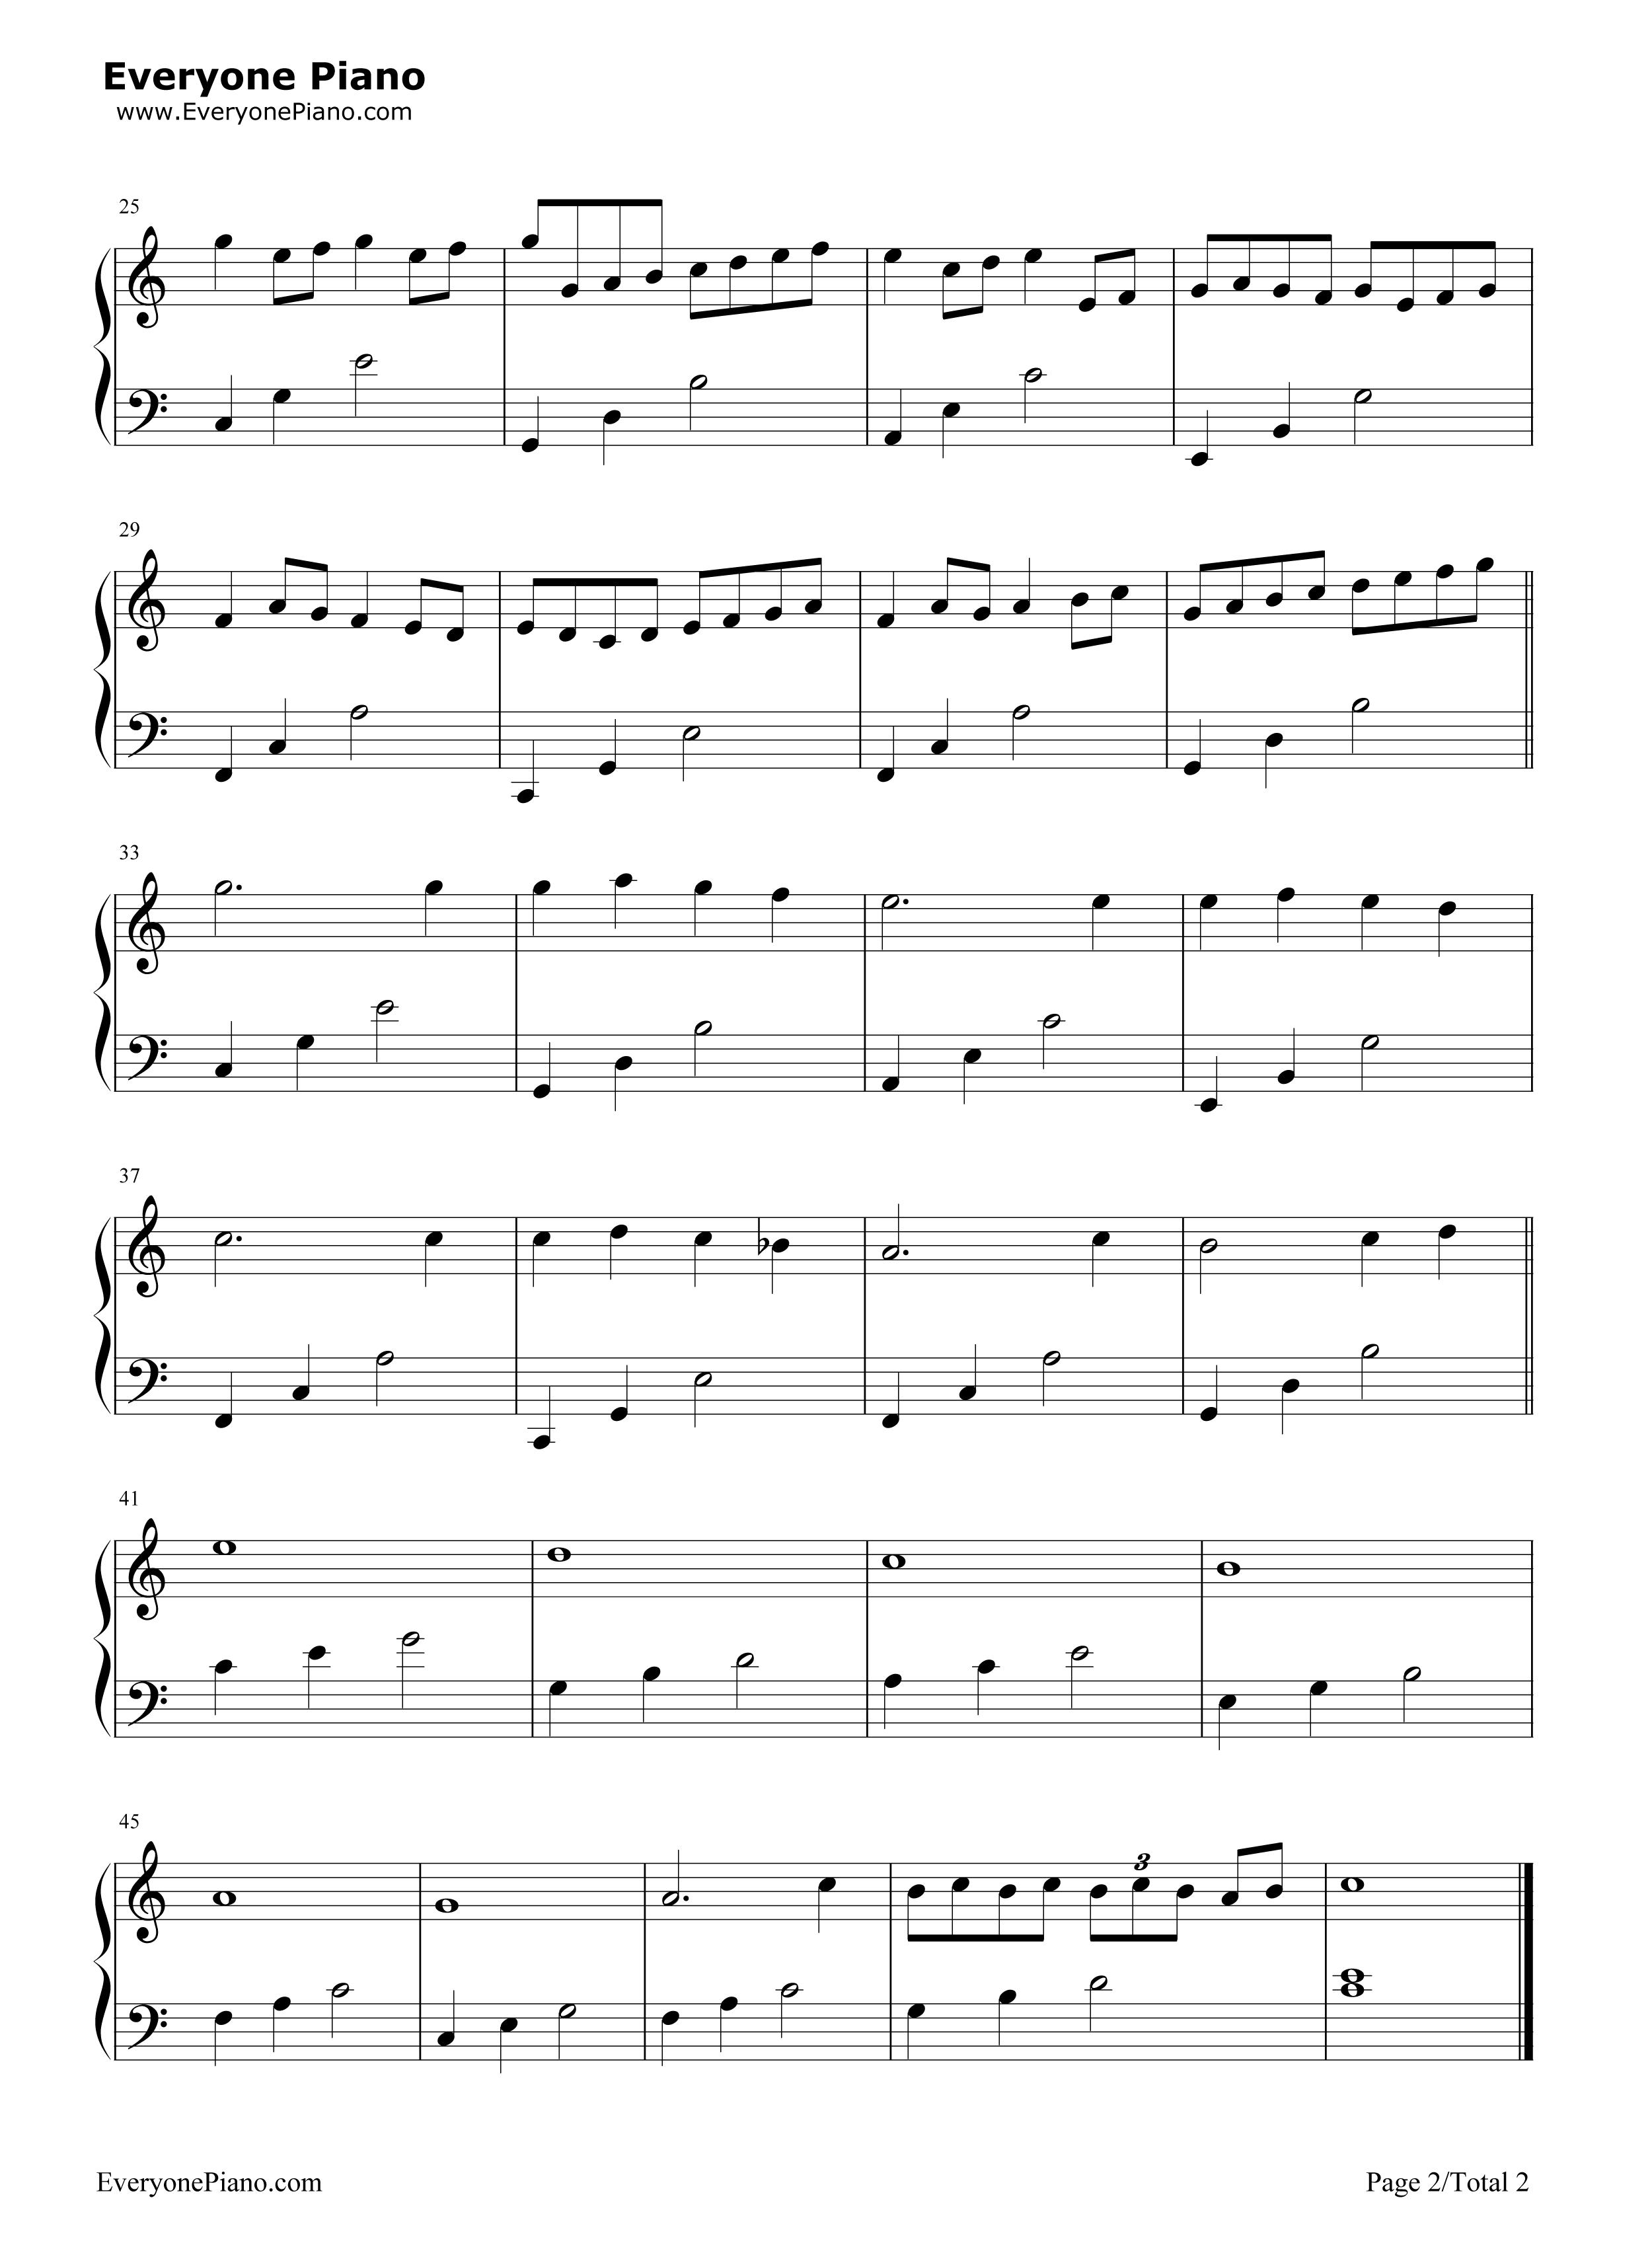 钢琴曲谱 经典 卡农-canon-c大调初学者版 卡农-canon-c大调初学者版